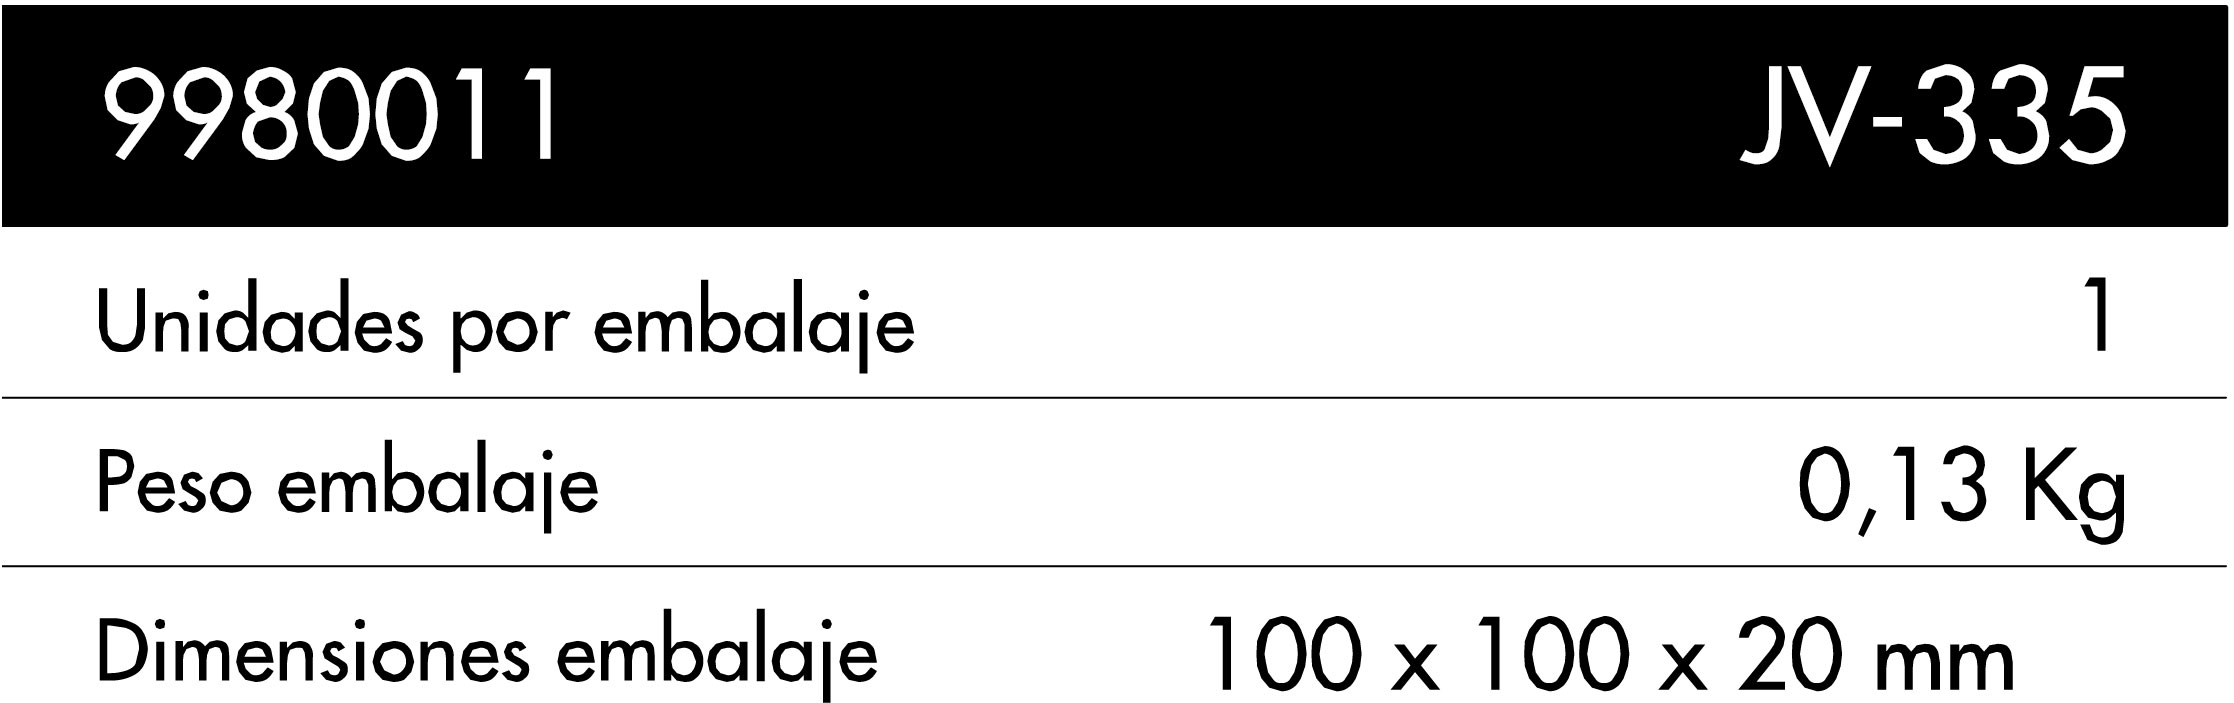 9980011-tablaES.jpg